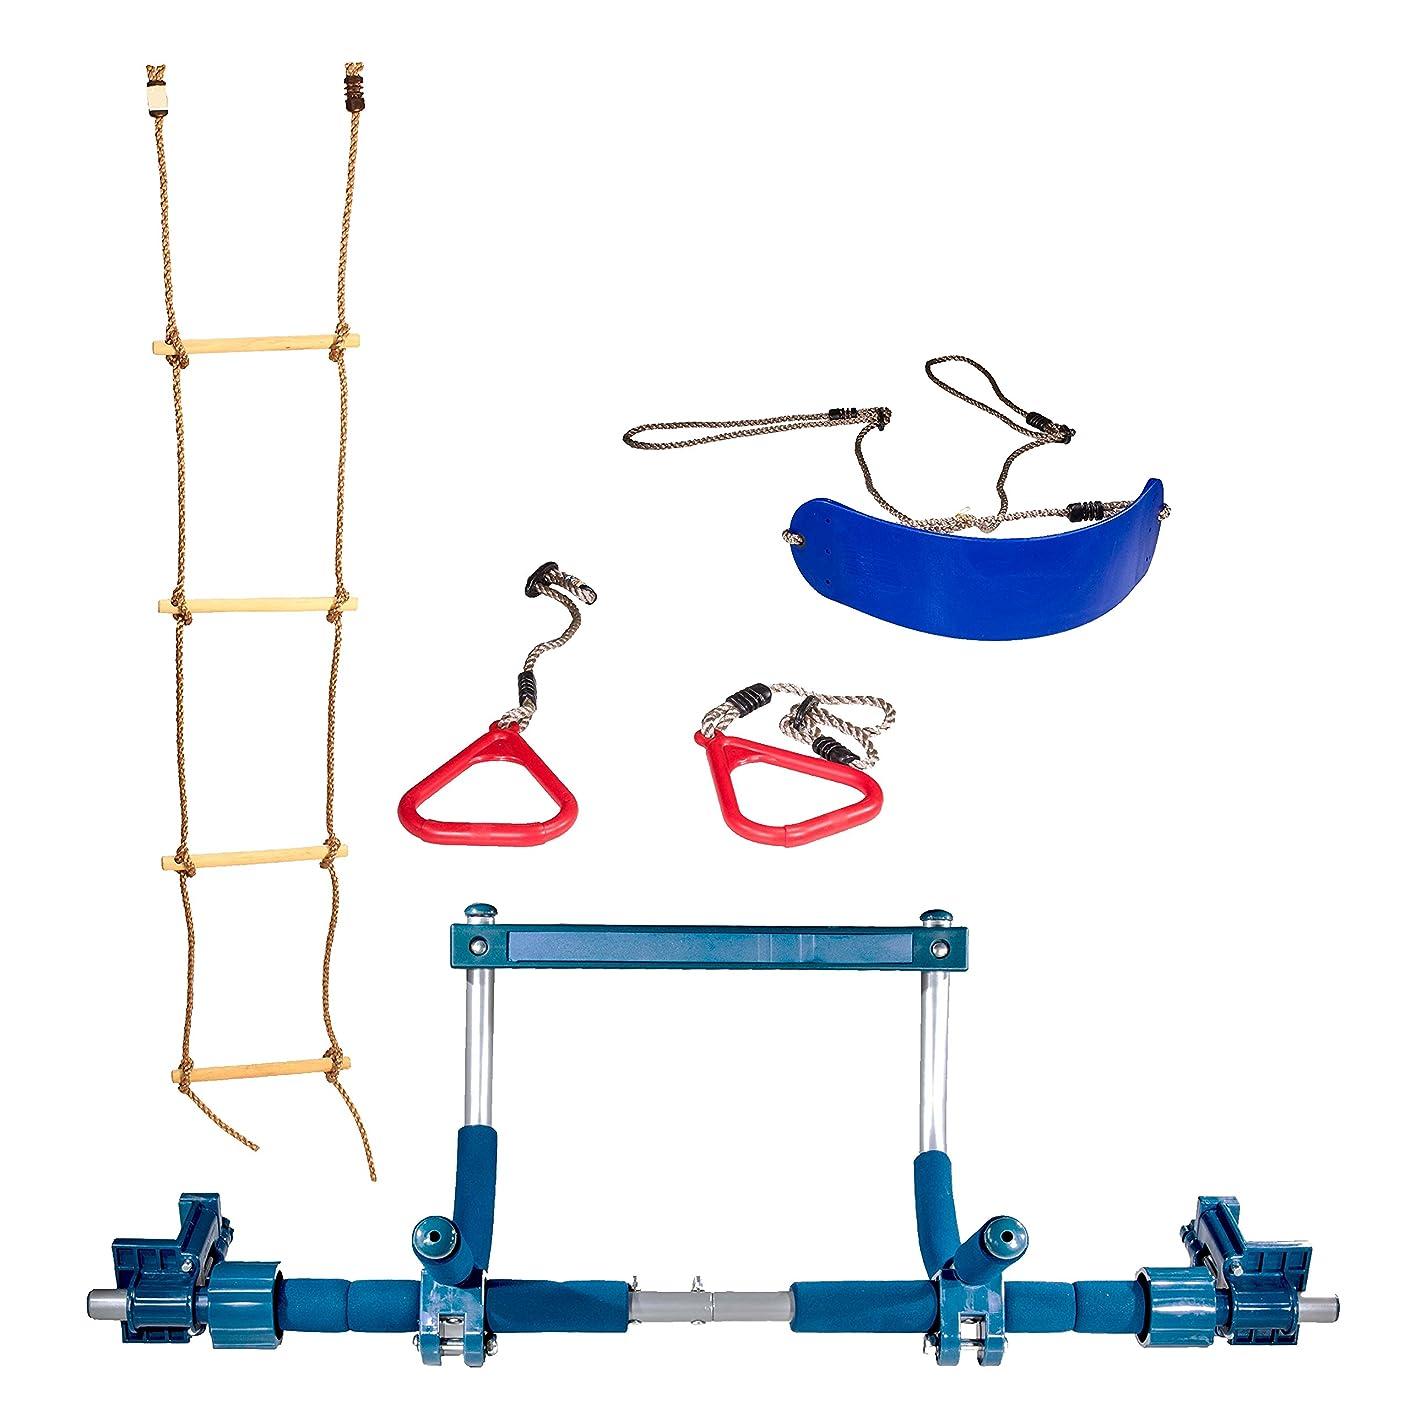 要旨ブランド力Gym1 インドアブランコ?プラスチック吊り輪?縄ばしご付きインドアプレイグラウンド